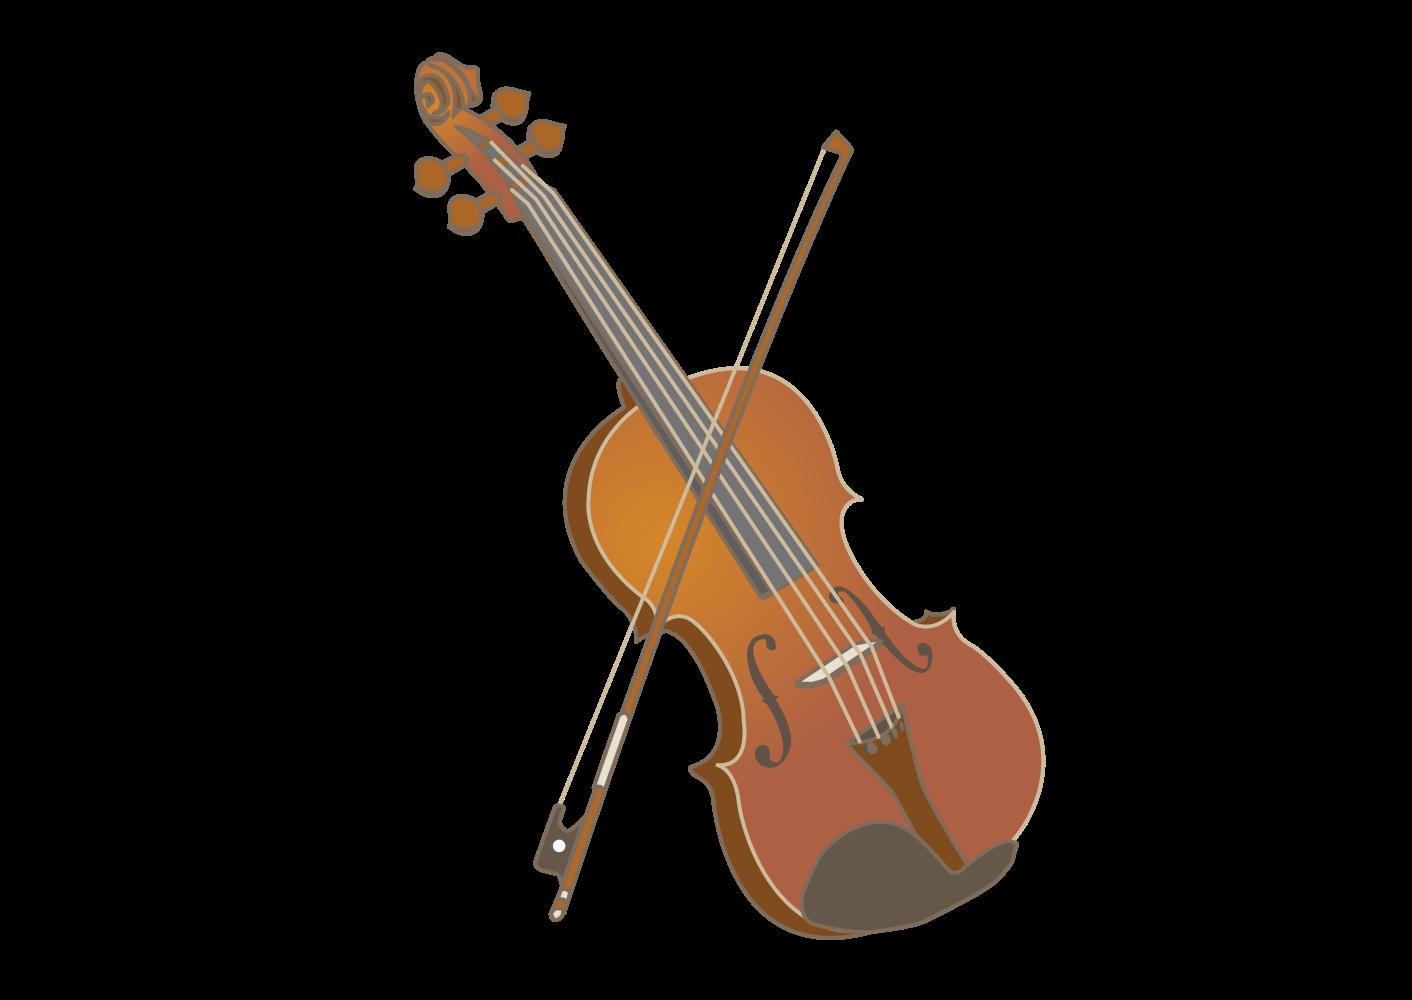 Onlinelabels clip art violin. Instruments clipart viola